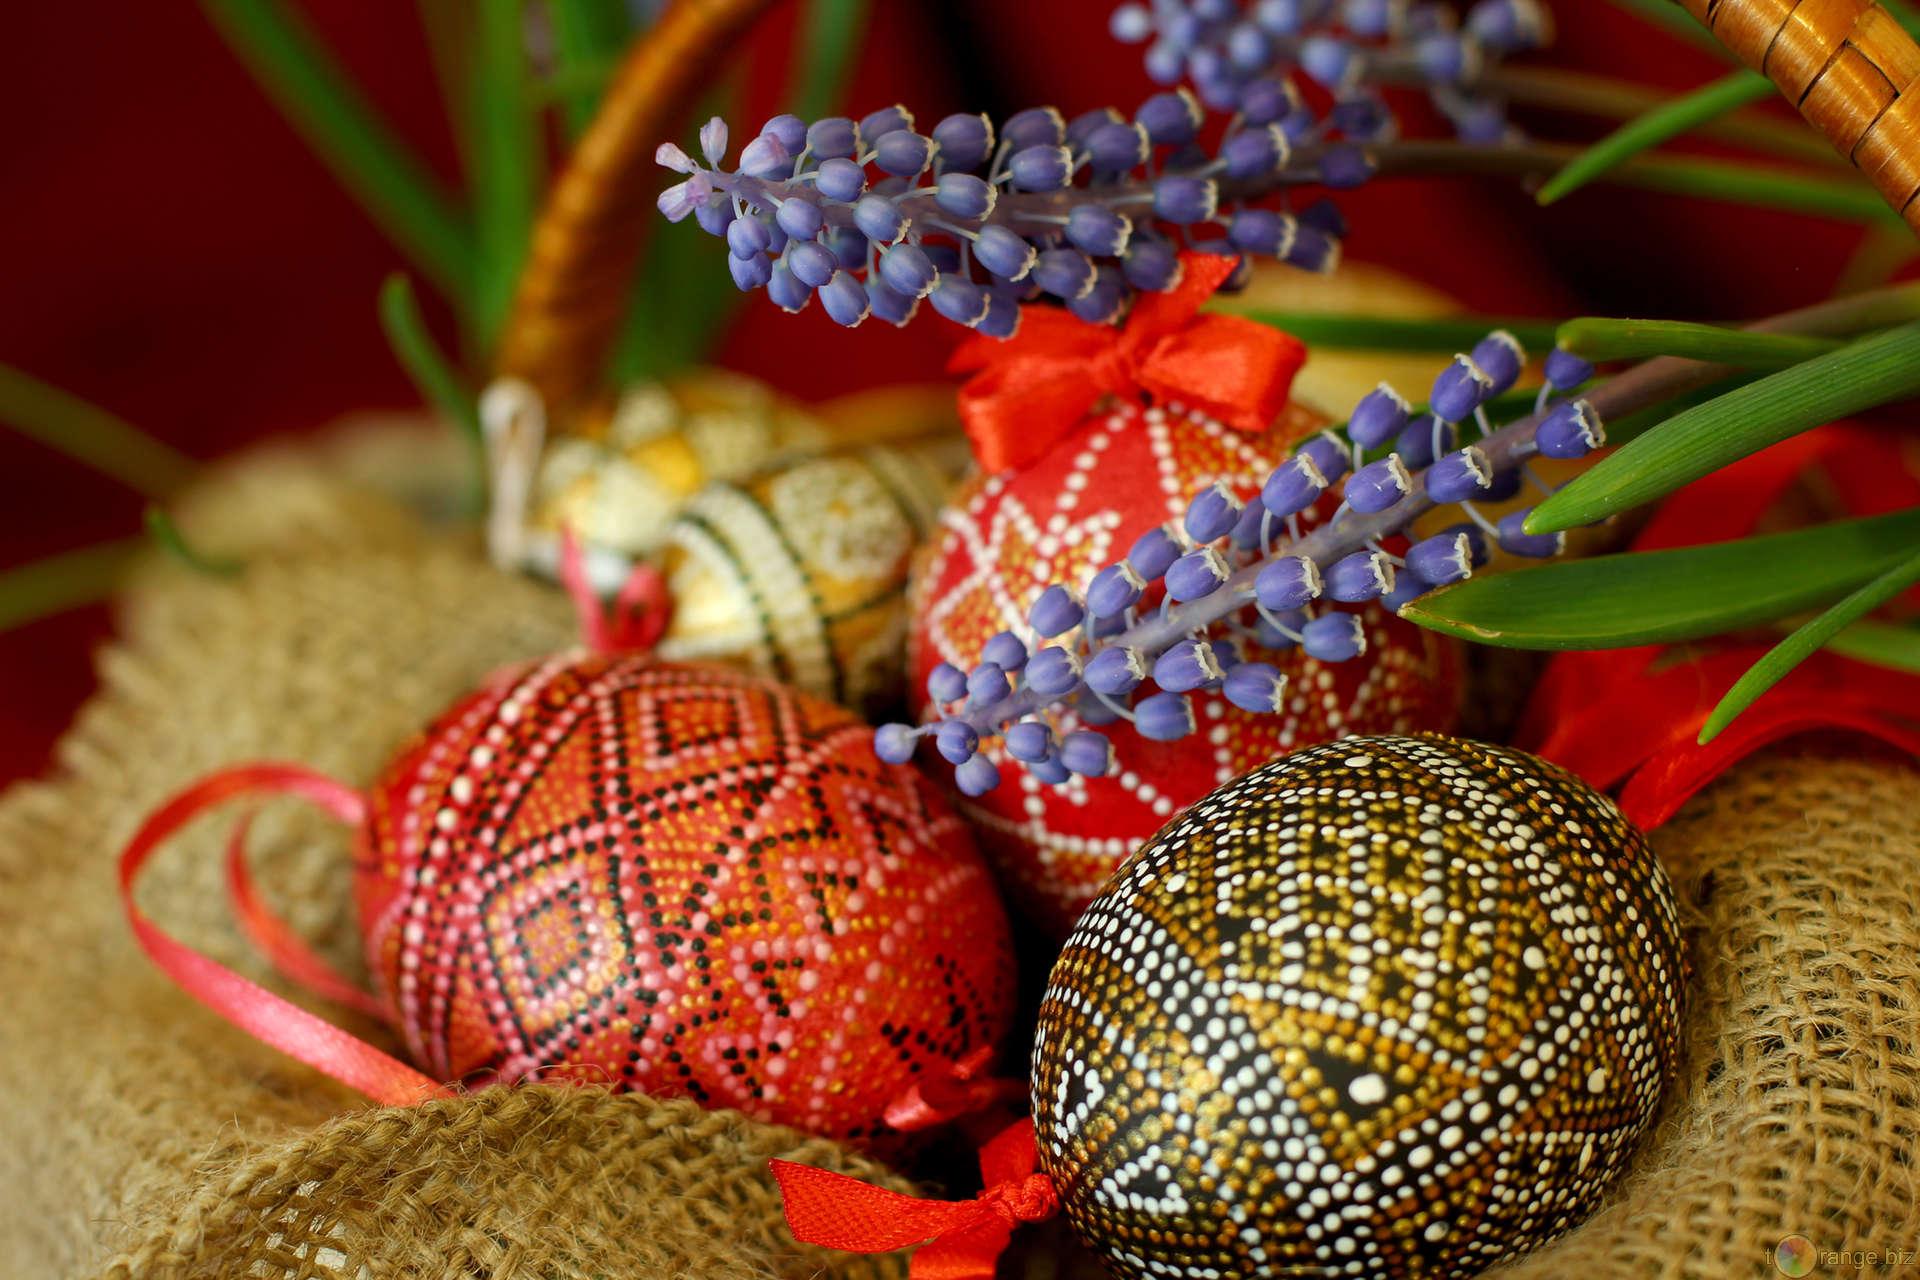 Le uova di Pasqua tra storia e leggenda